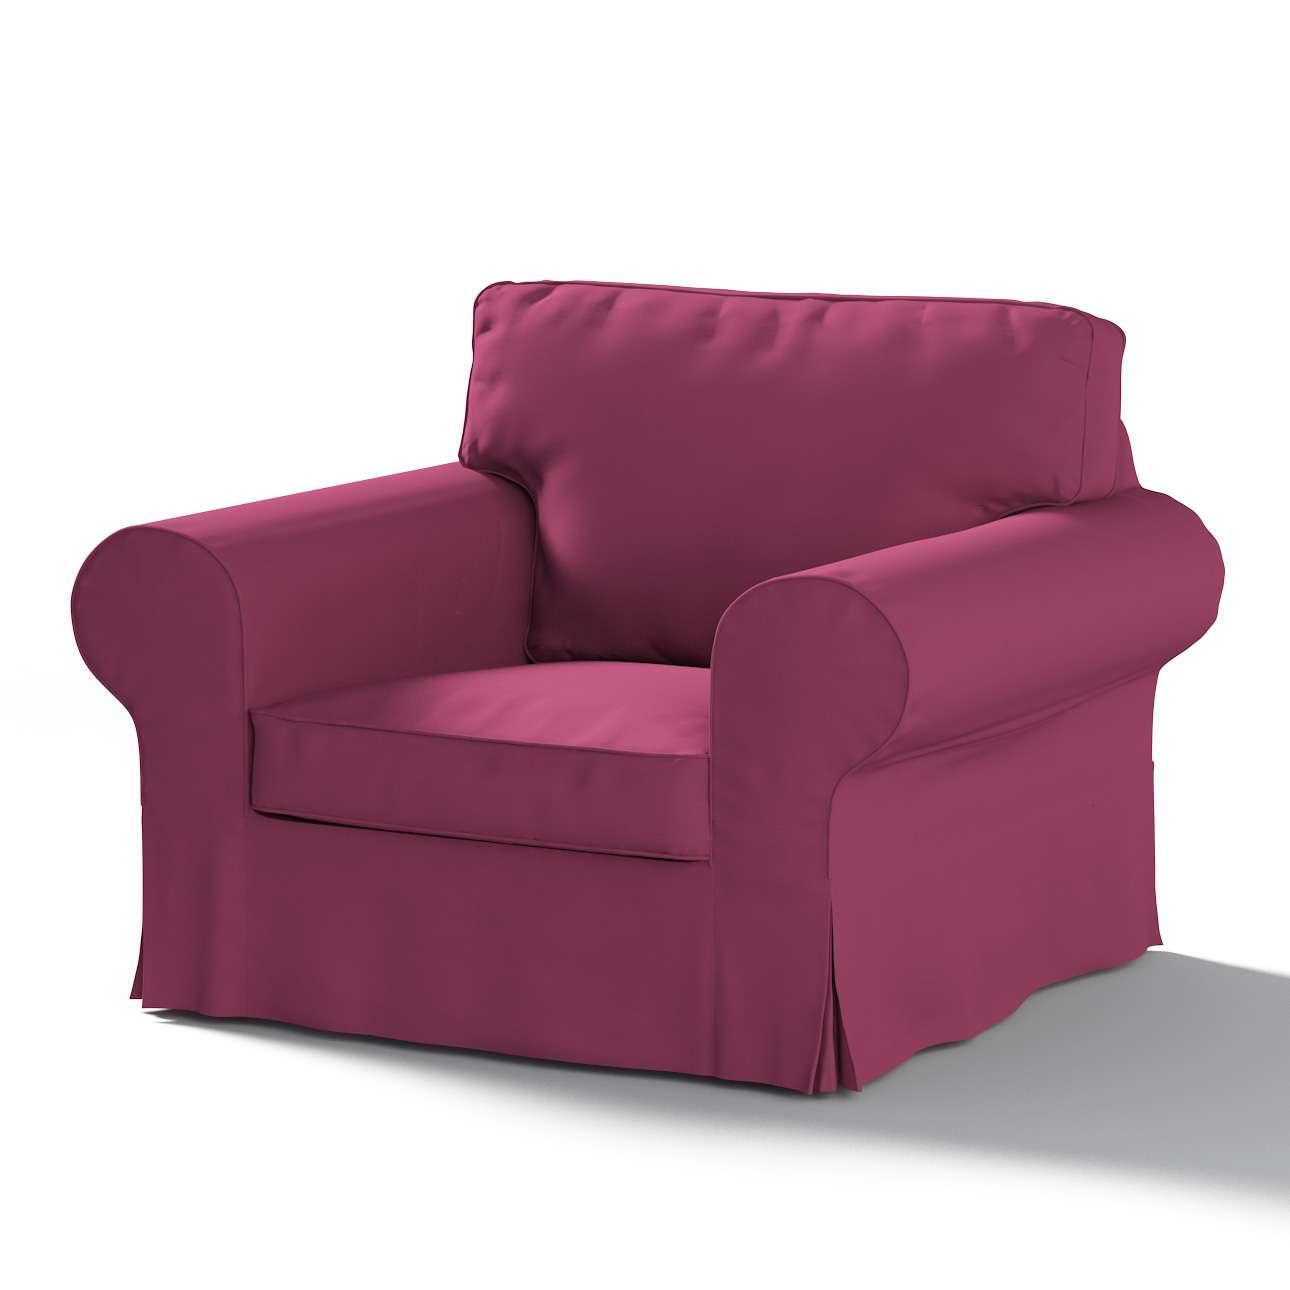 EKTORP fotelio užvalkalas Ektorp fotelio užvalkalas kolekcijoje Cotton Panama, audinys: 702-32